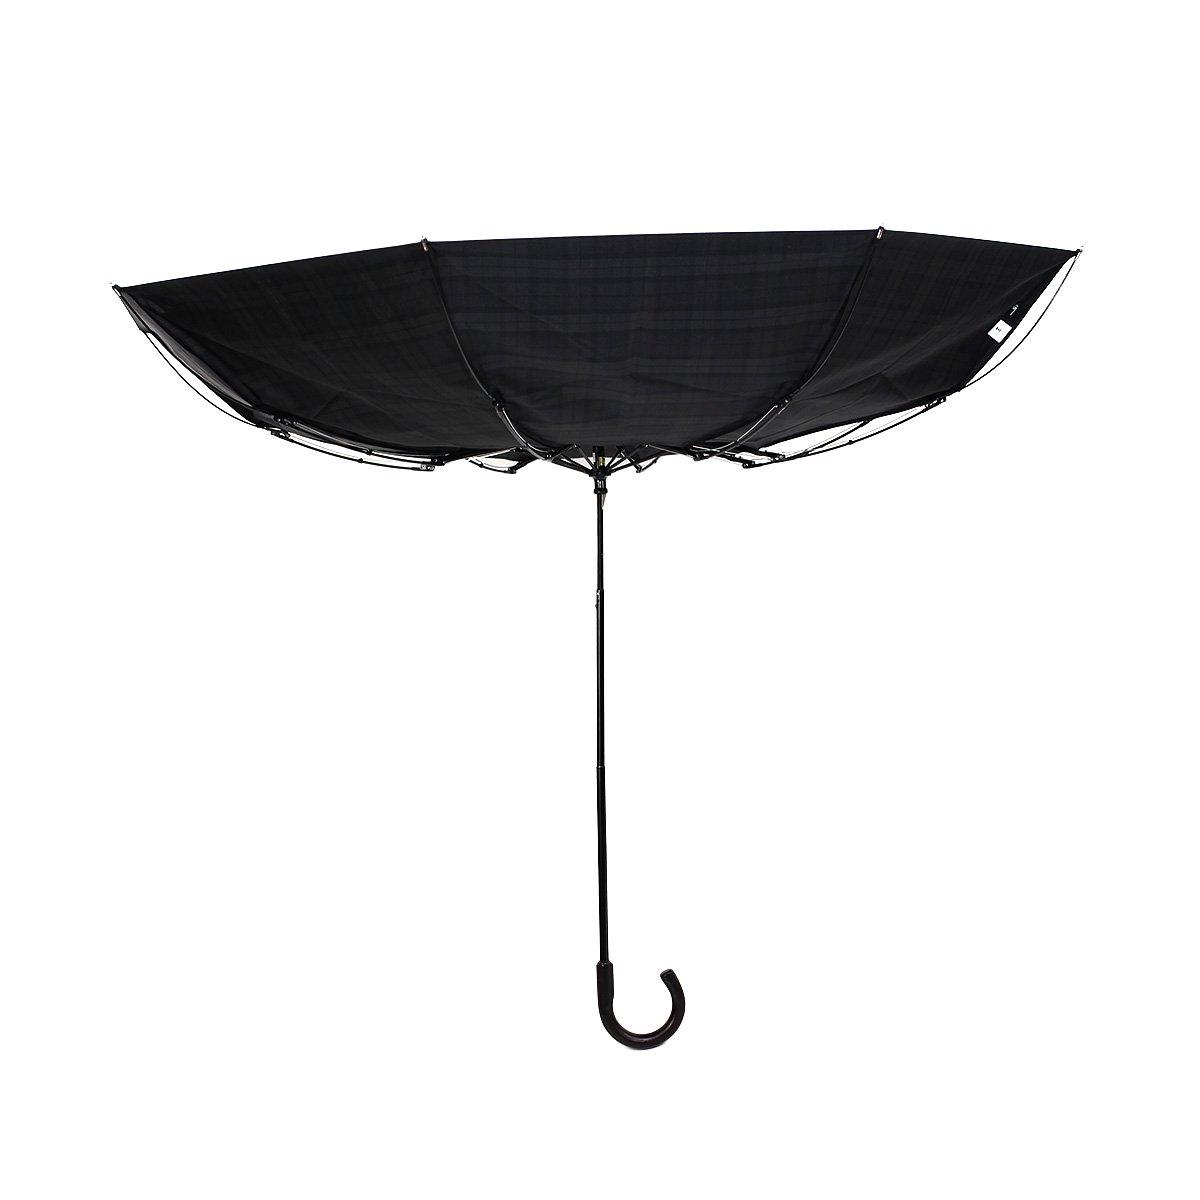 へリンカラー ストライプ 耐風骨 折りたたみ傘 詳細画像10